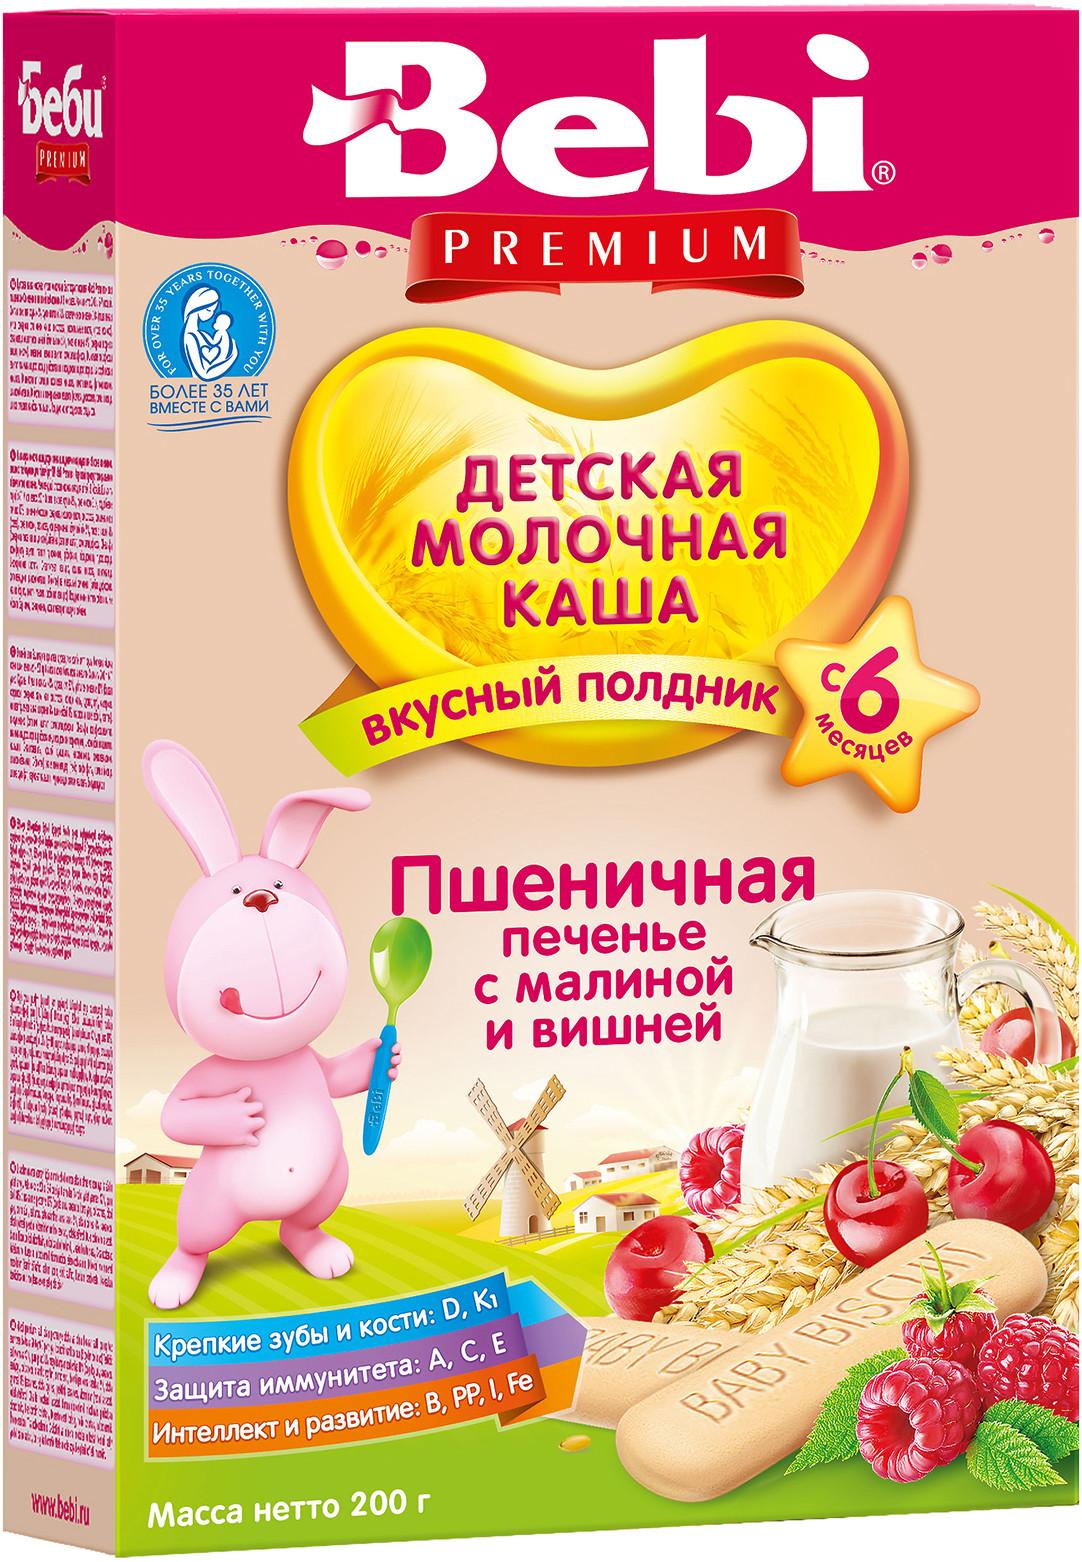 Каши Bebi Каша молочная Bebi Premium пшеничная печенье с малиной и вишней для полдника с 6 мес. 200 г каши bebi молочная каша premium 7 злаков с 6 мес 200 г